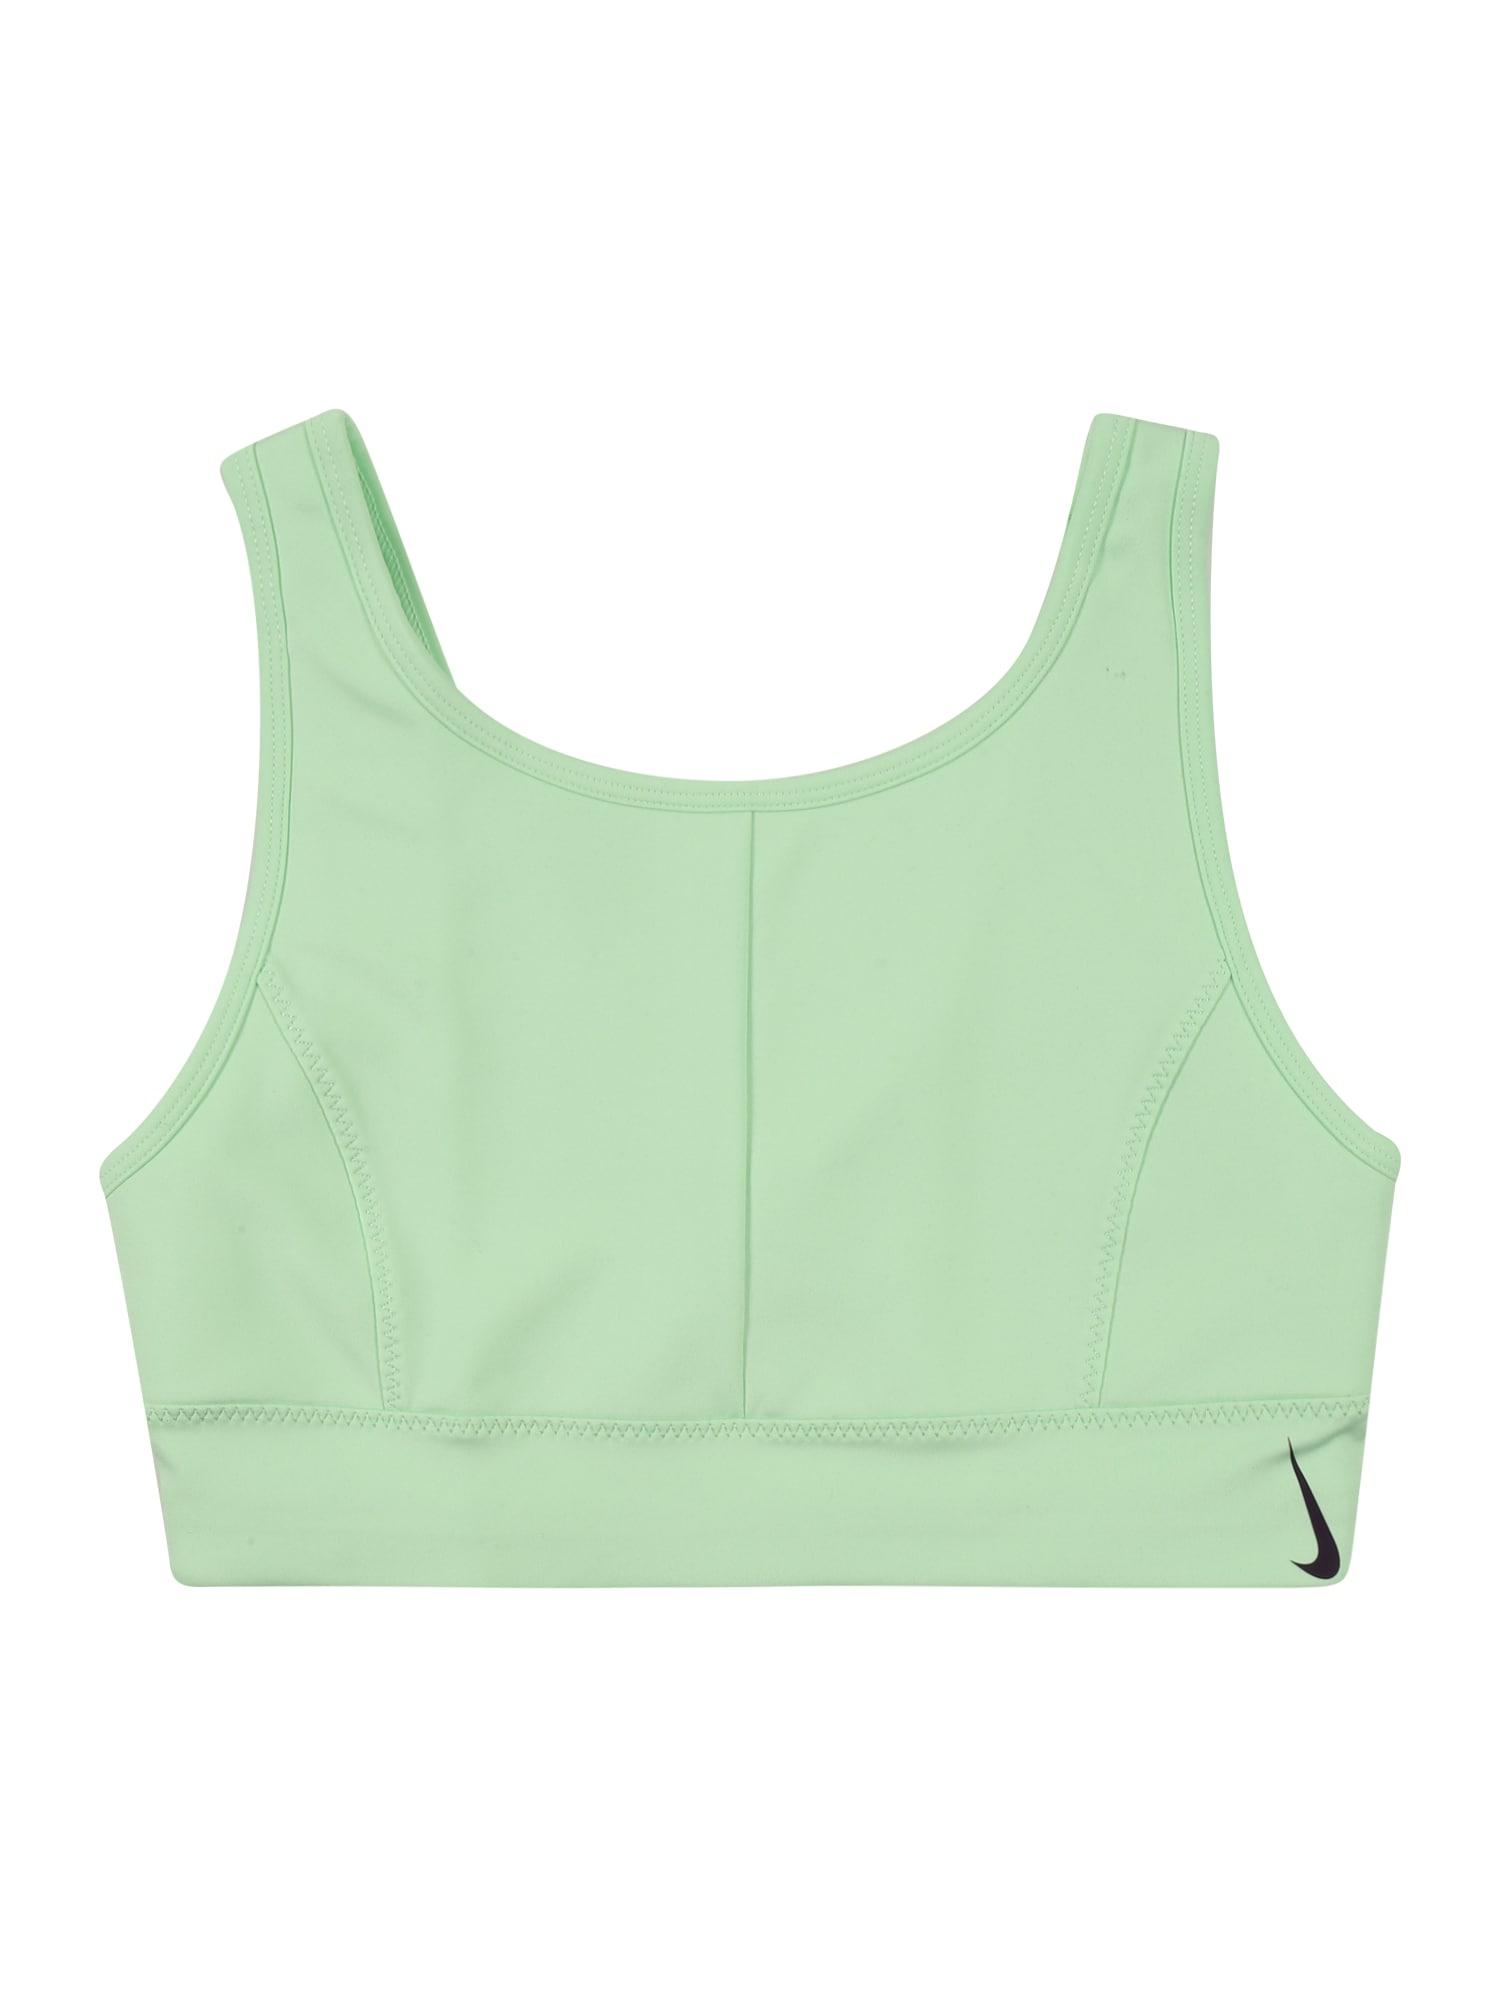 NIKE Sportinio stiliaus apatiniai drabužiai šviesiai žalia